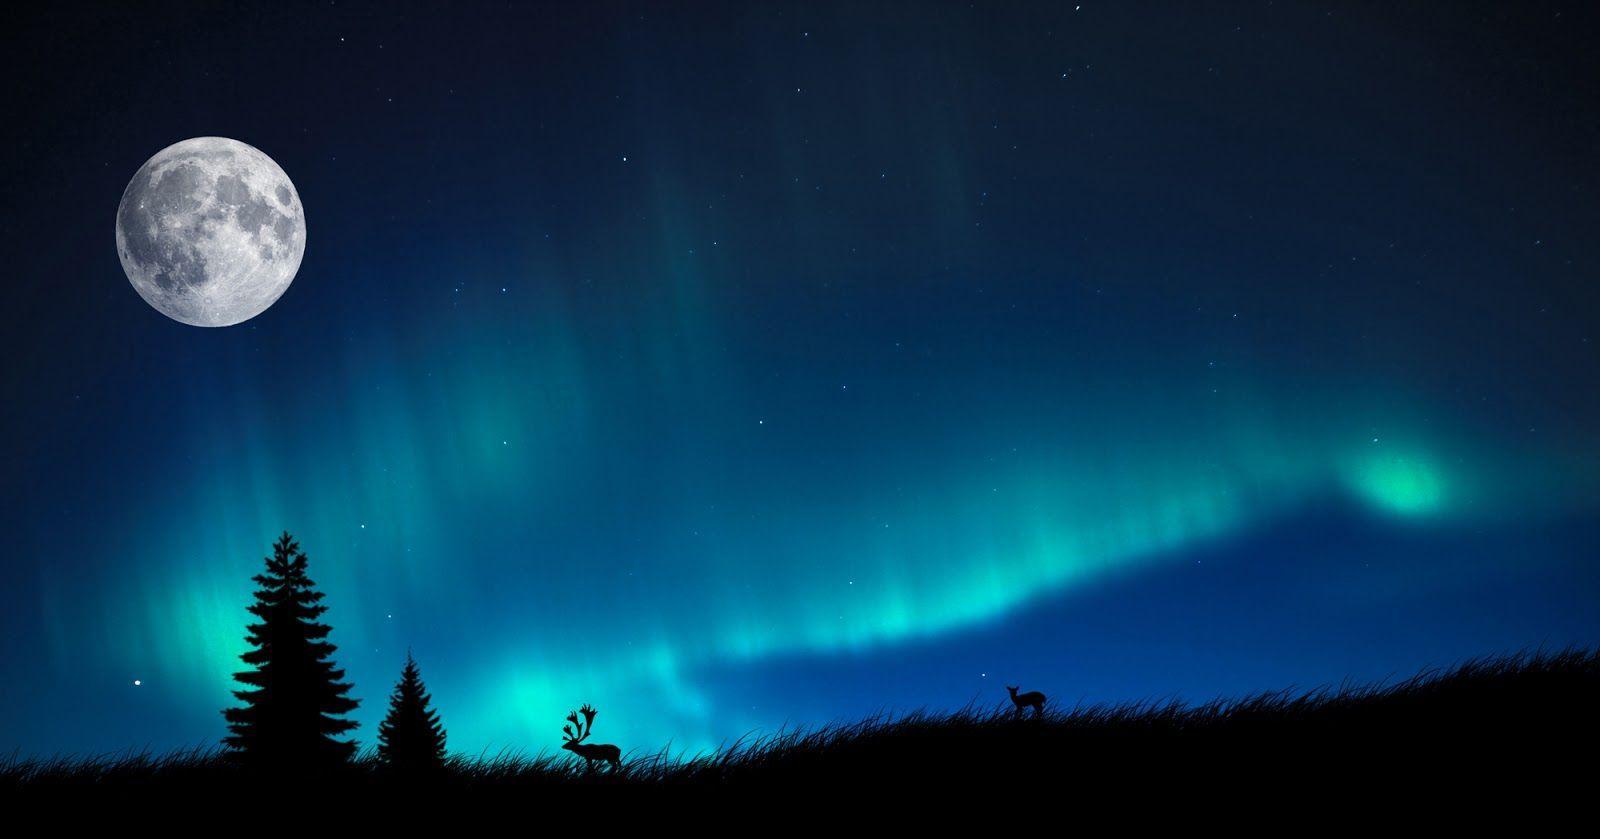 Aurora Desktop Wallpapers Top Free Aurora Desktop Backgrounds